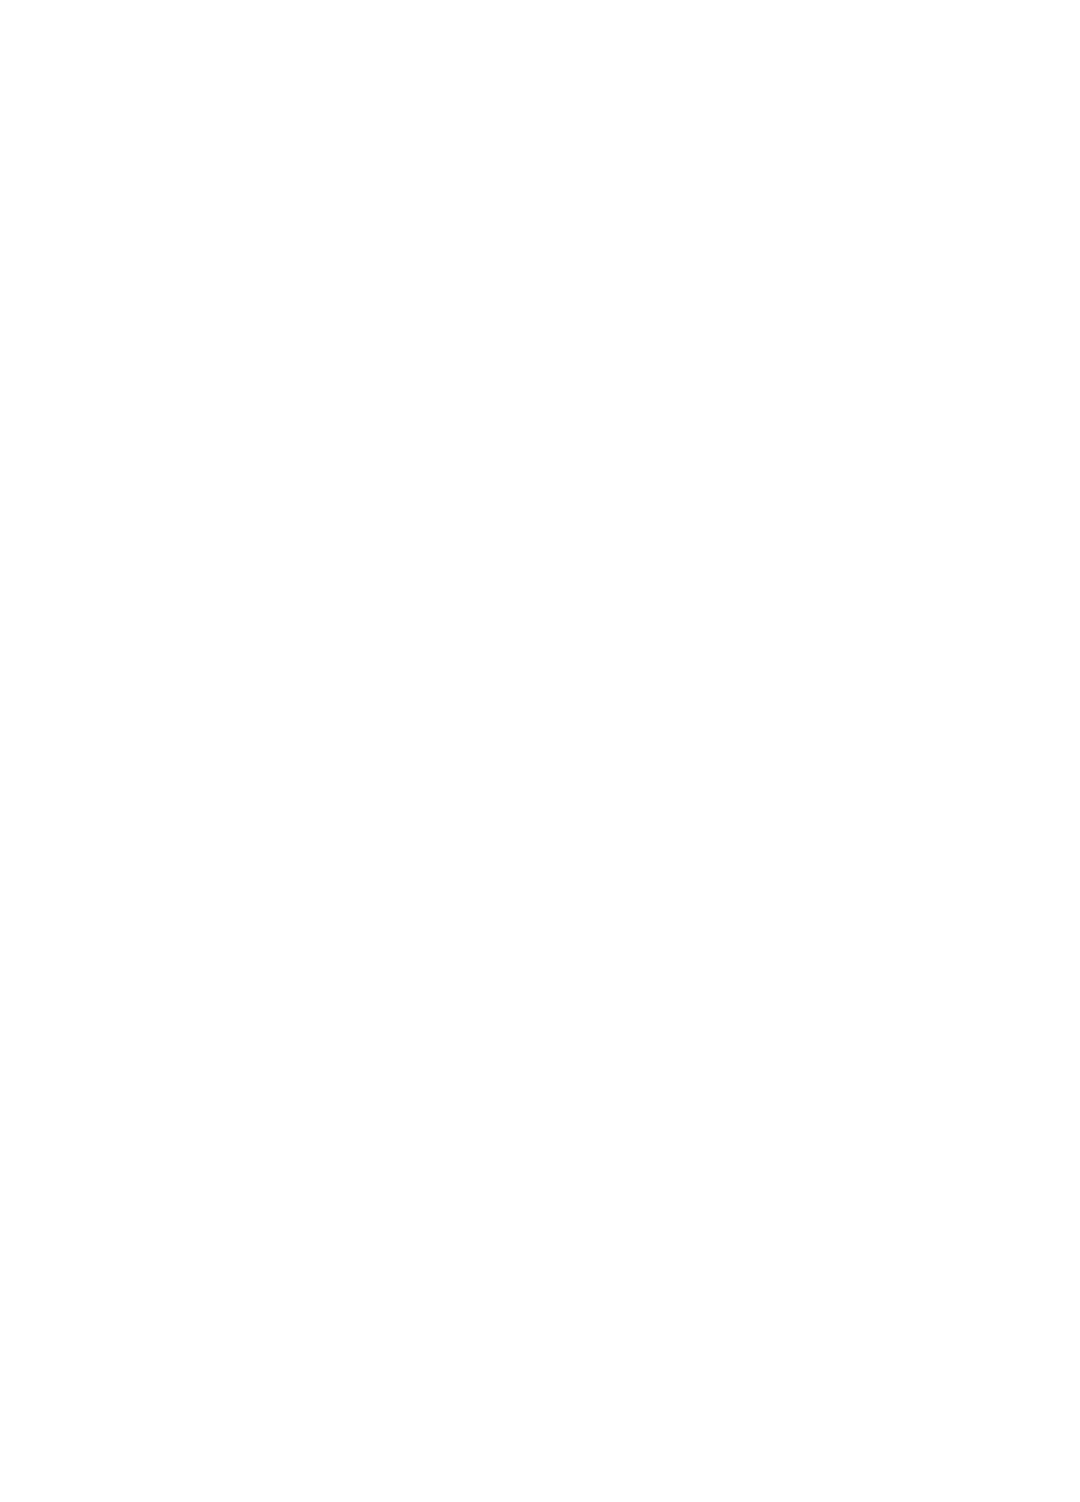 【エロ同人誌】いきなりメイド服風の制服を渡され着替えたティア…ノーパンノーブラでバレないように1日働いていたがお客さんにバレてしまう!店内でセックスしているとオーナーに止められお仕置きセックス!【茶琉】